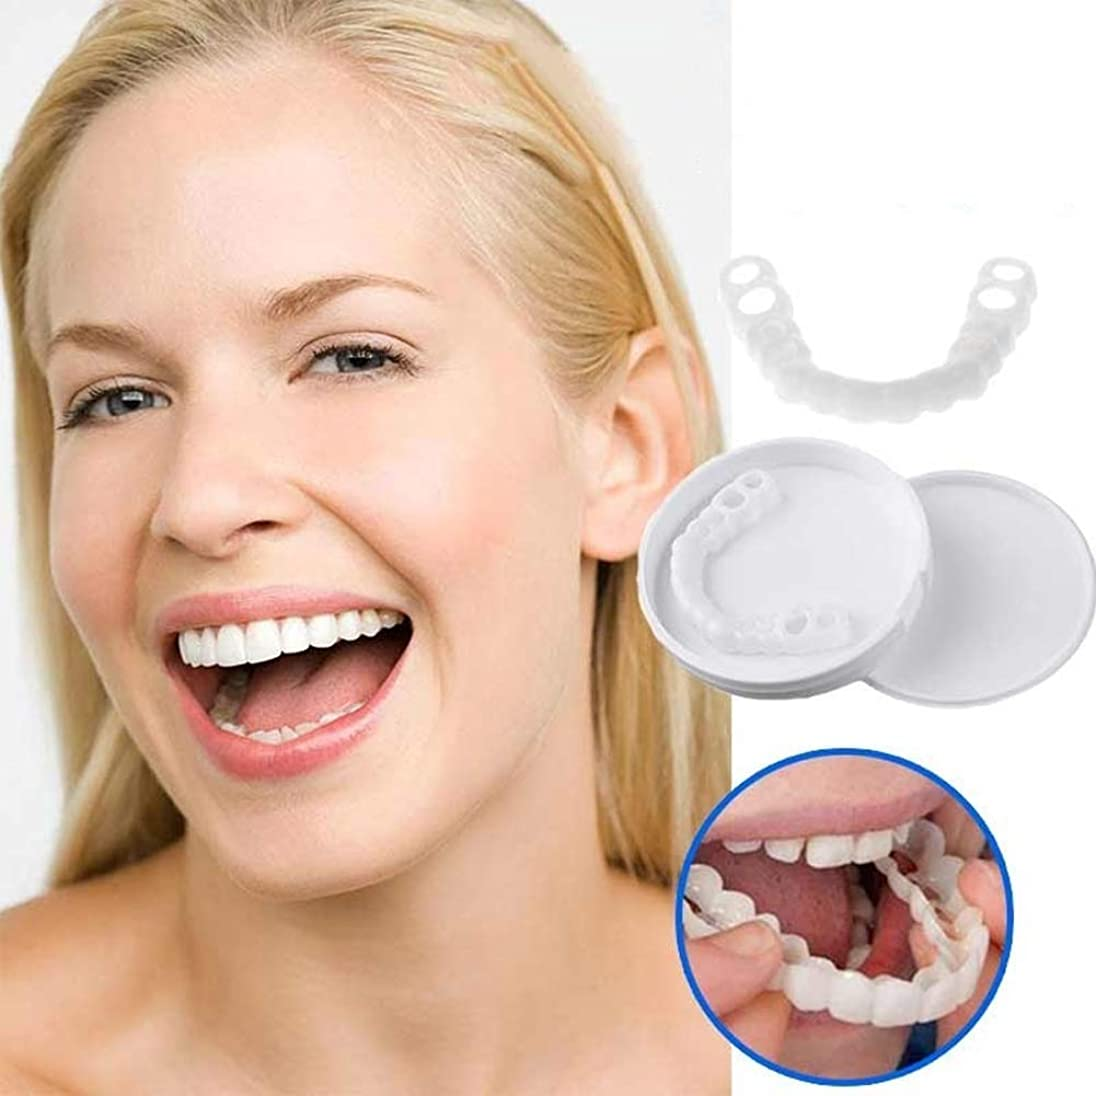 メンテナンスタオルウェブベニアの歯の1ペア、化粧品の歯 - 一時的な笑顔と快適なフィット柔らかい化粧品の歯、すべてが最もフィットし、快適な上下のベニヤ - 歯のベニア(下+上)